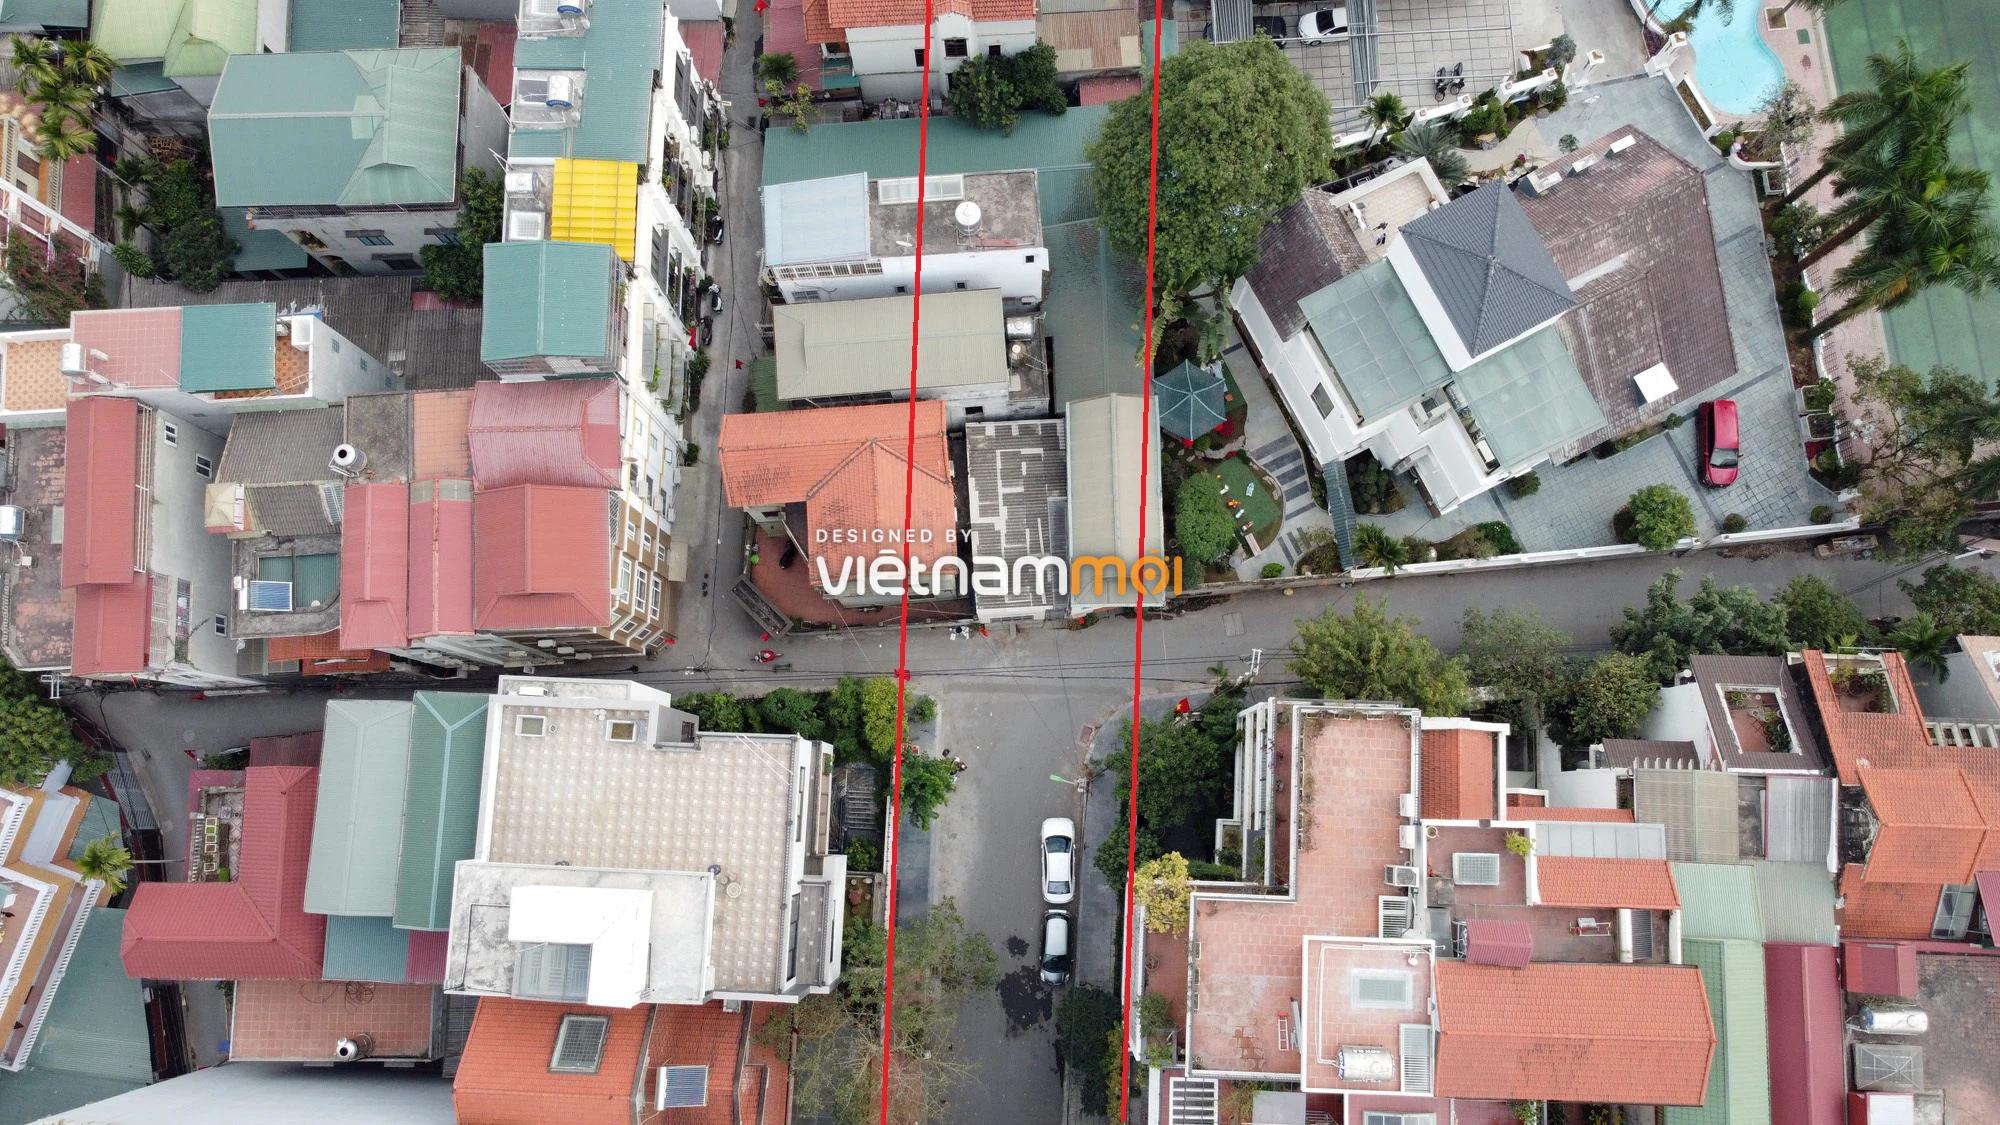 Những khu đất sắp thu hồi để mở đường ở phường Bồ Đề, Long Biên, Hà Nội (phần 1) - Ảnh 10.